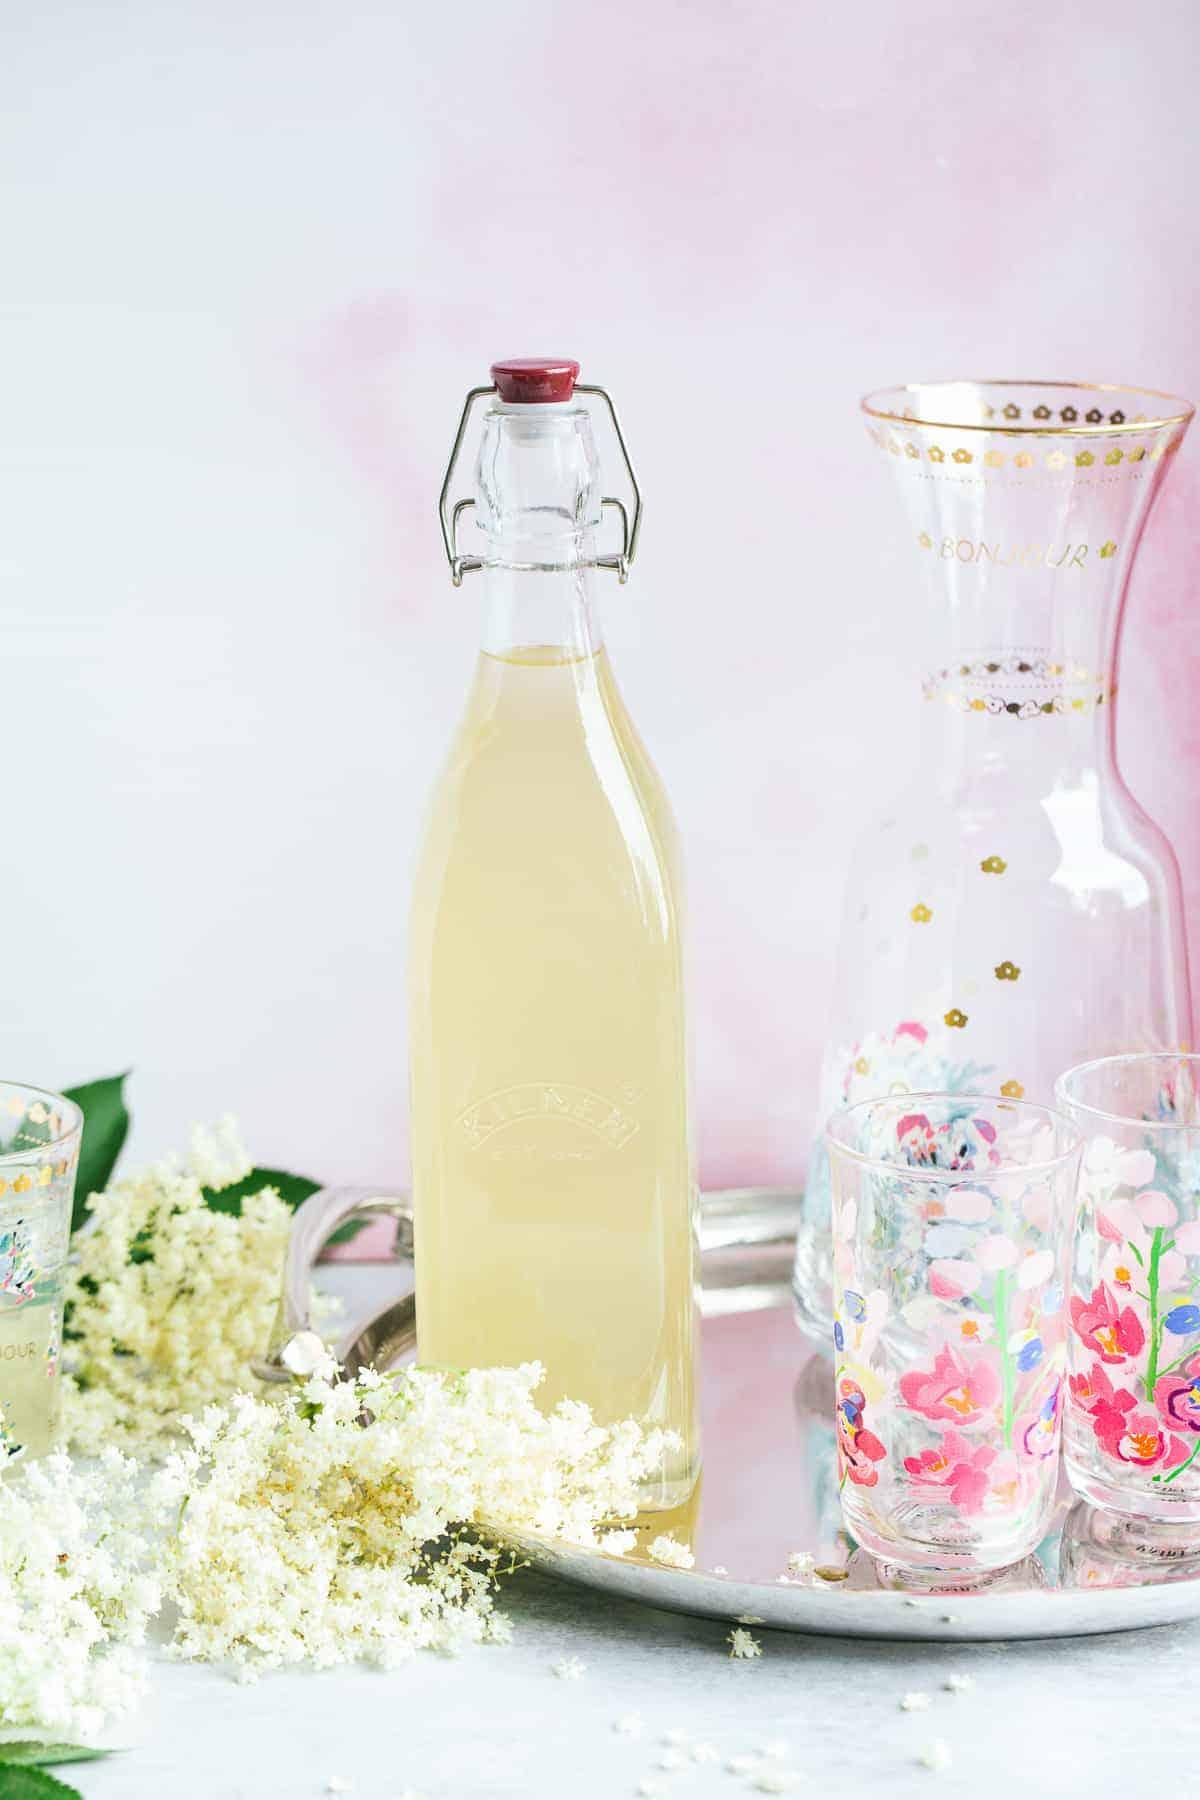 A bottle of fizzy elderflower cordial.